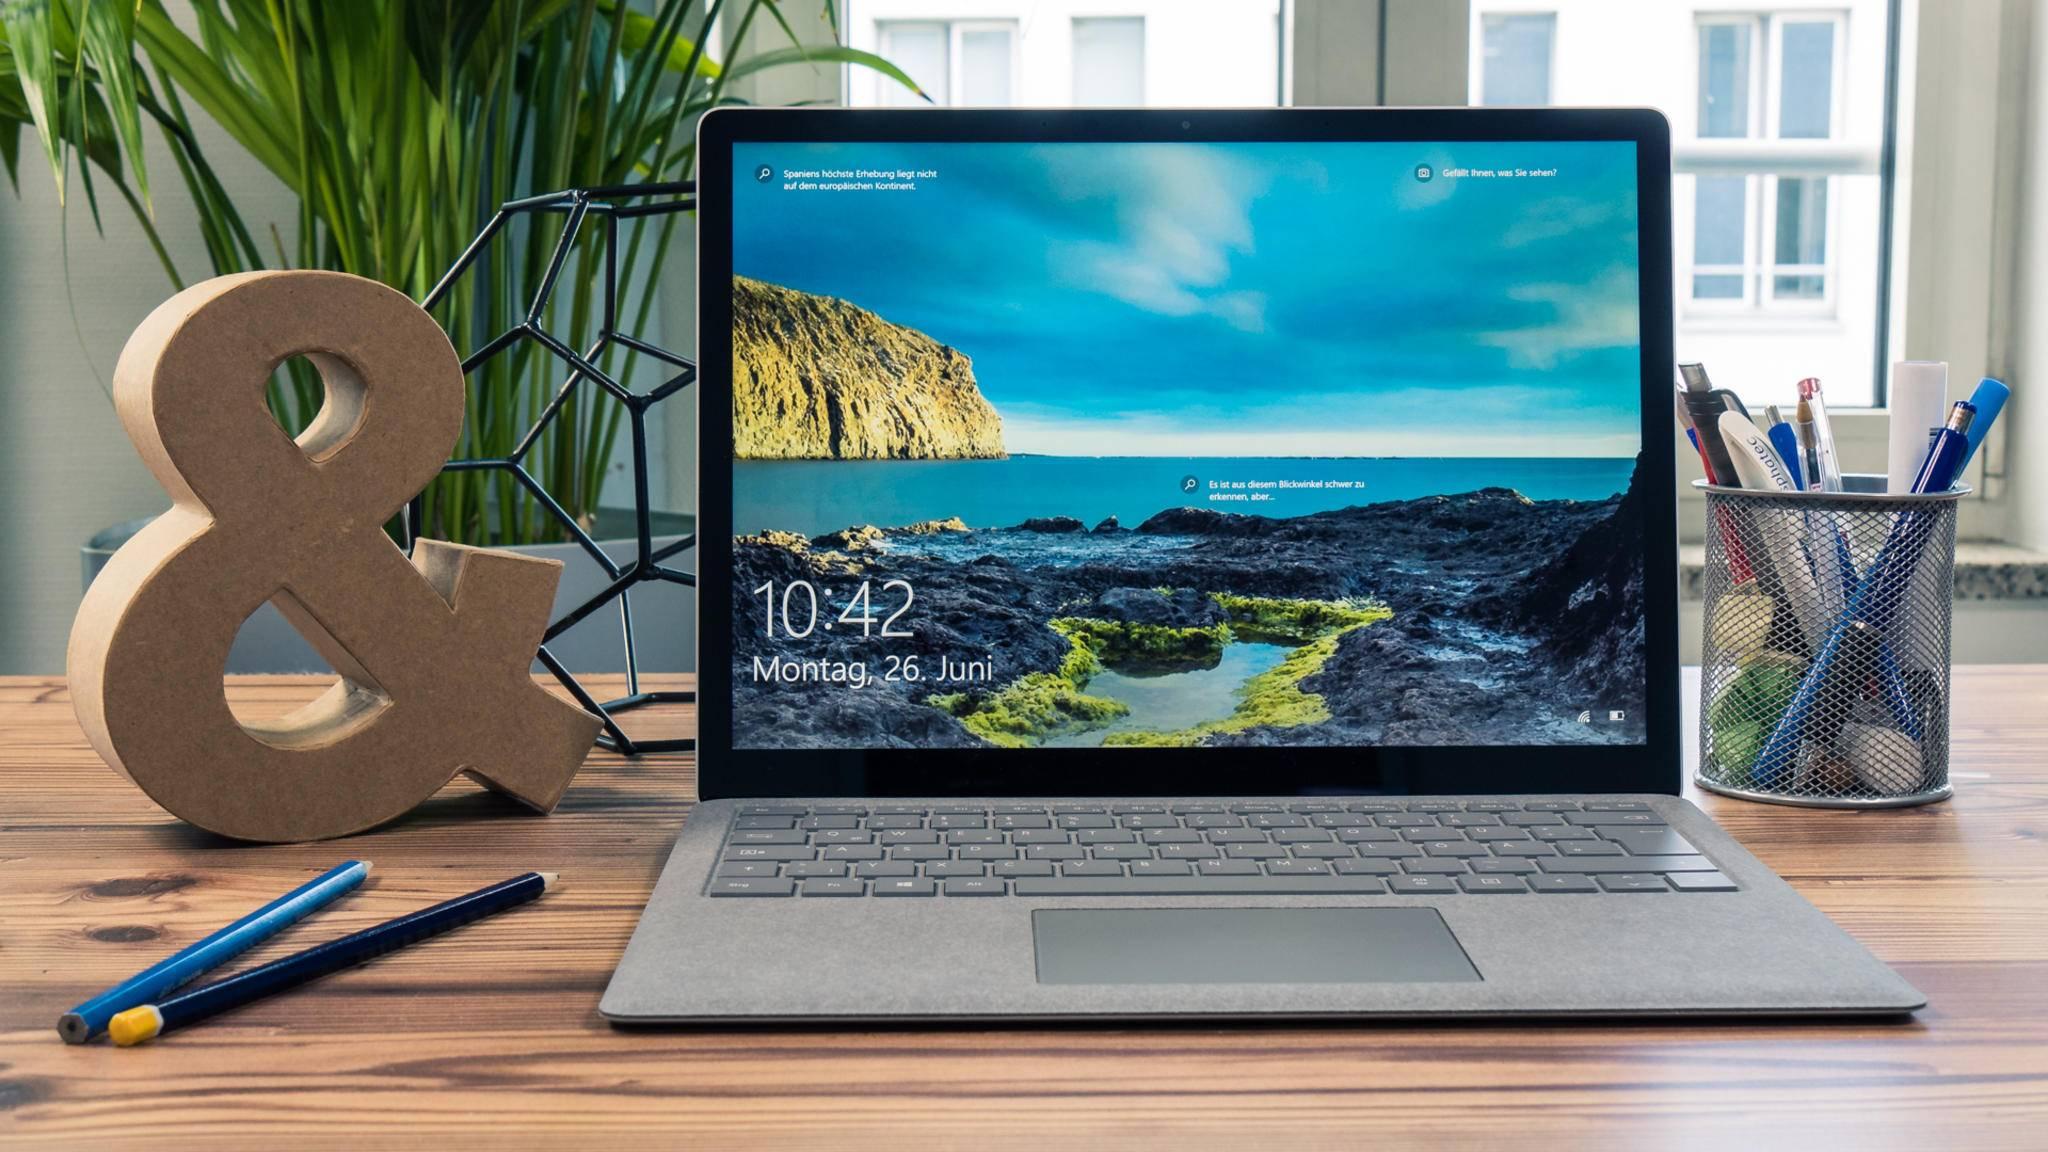 Wird Microsoft bald einen Surface Laptop 3 mit größerem 15-Zoll-Display vorstellen?